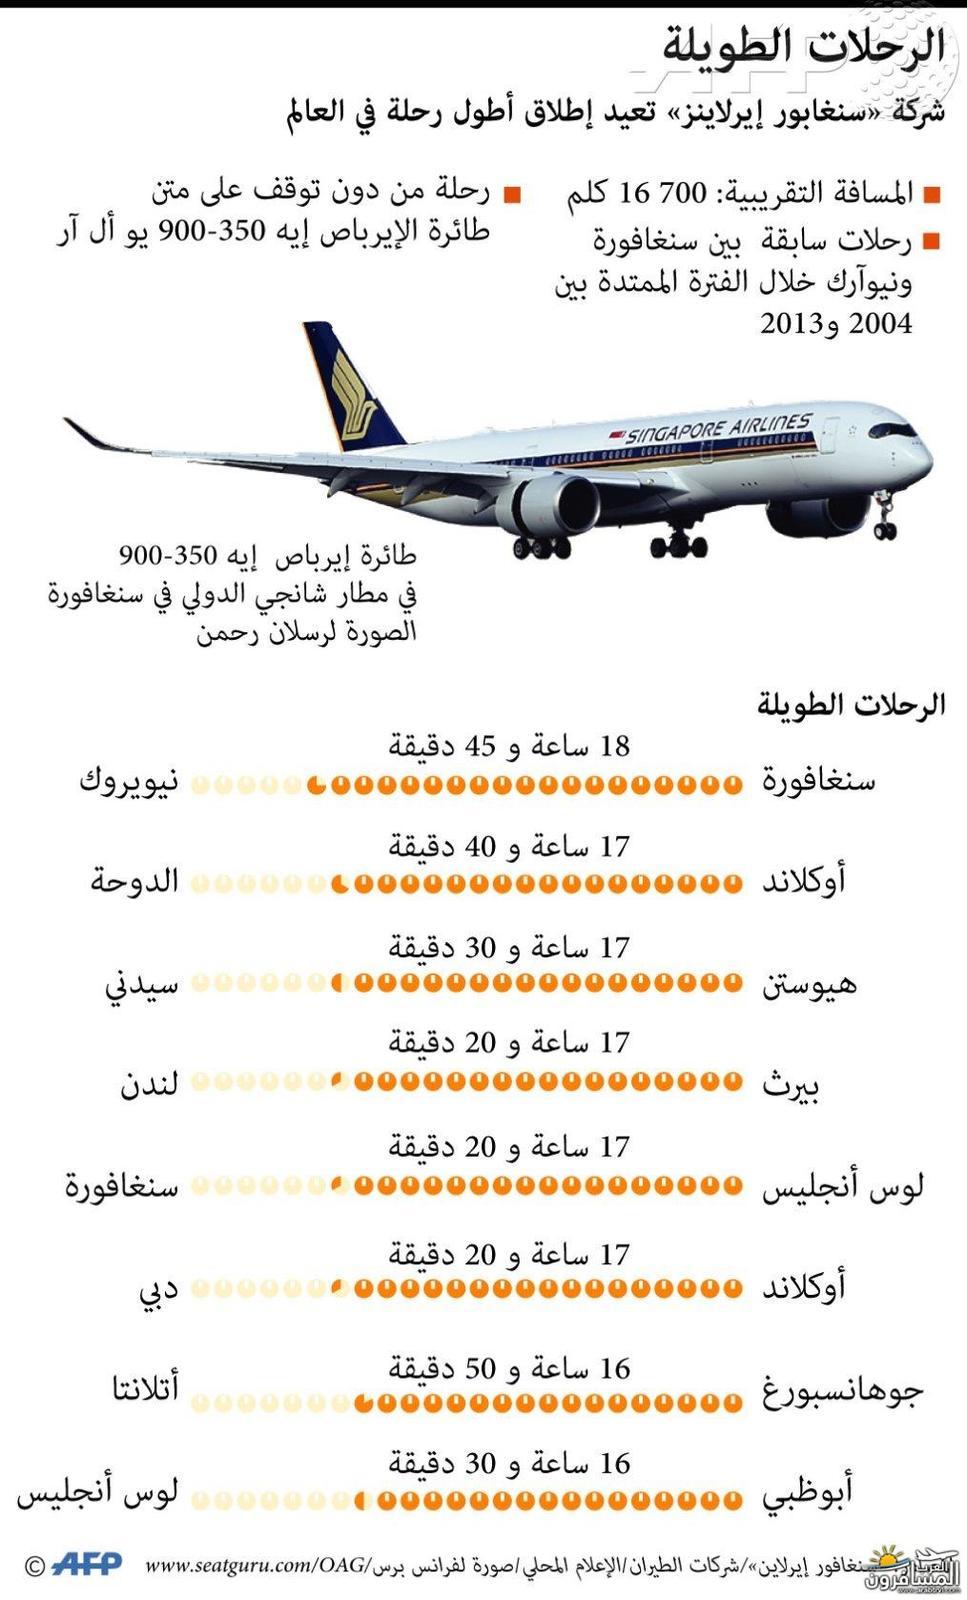 arabtrvl1539454912911.jpg